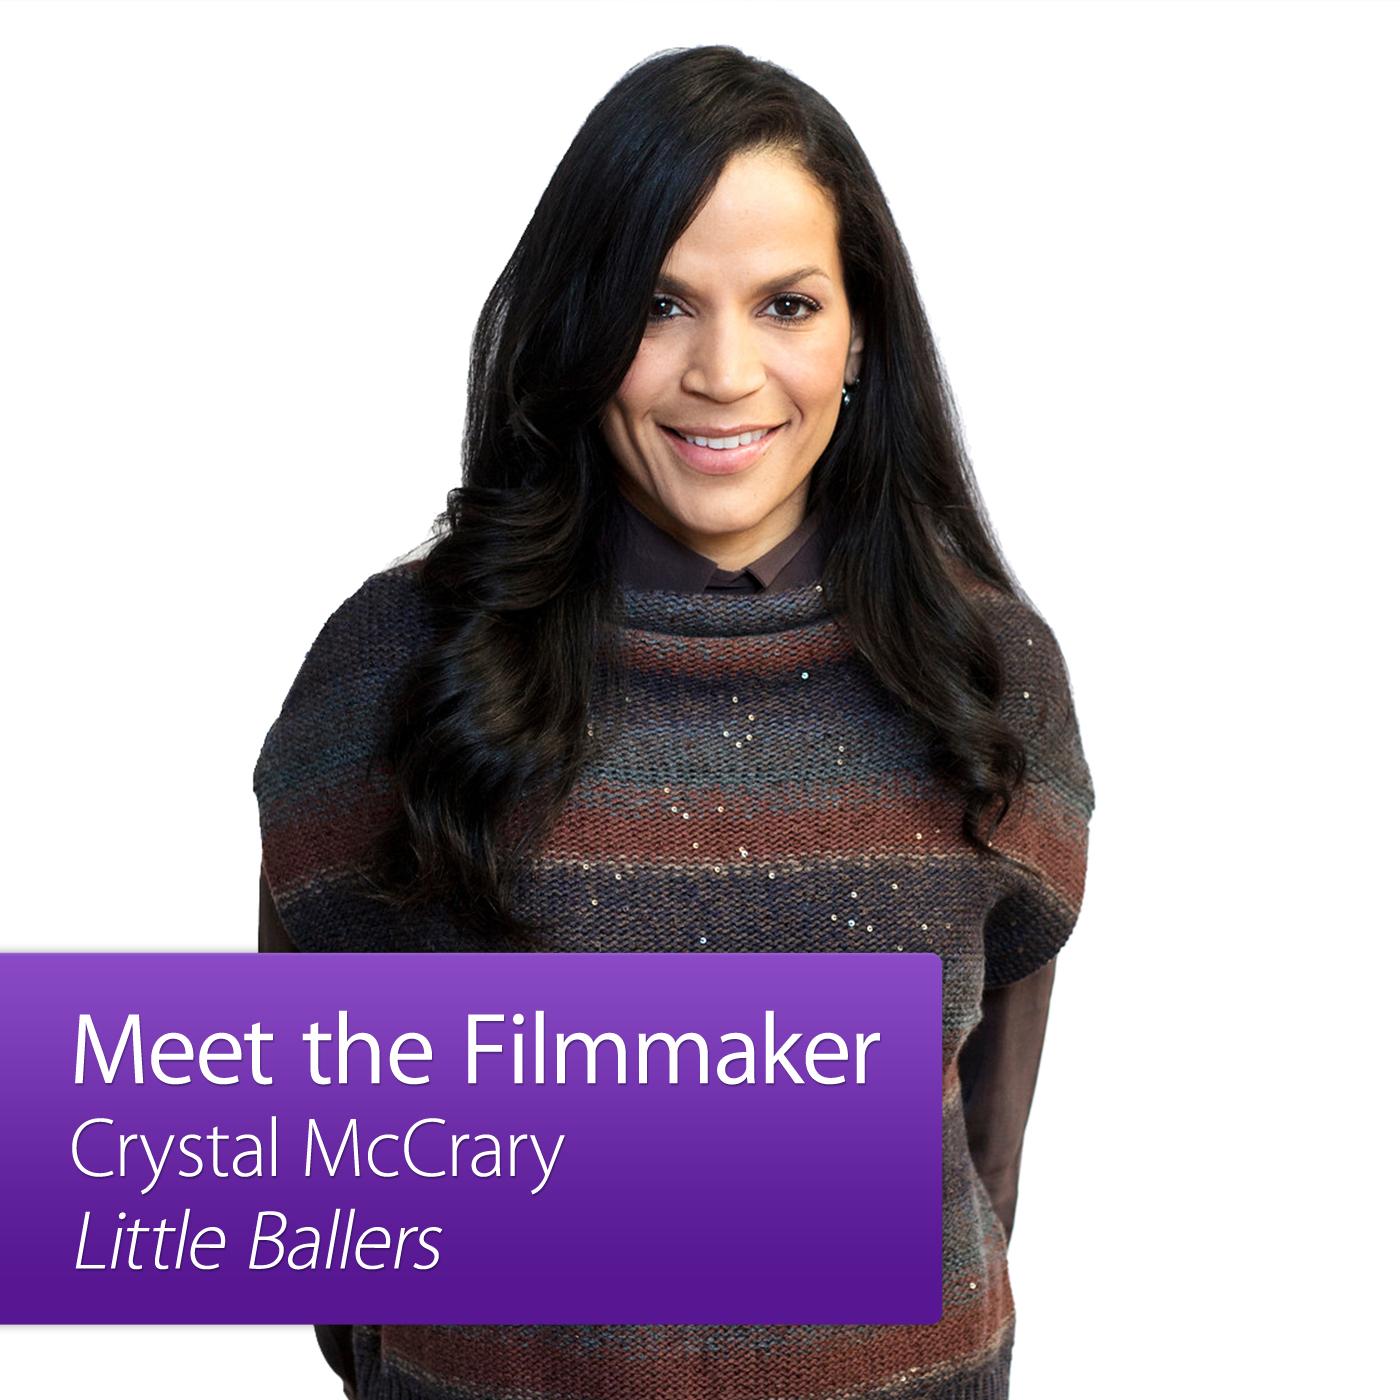 Little Ballers: Meet The Filmmaker